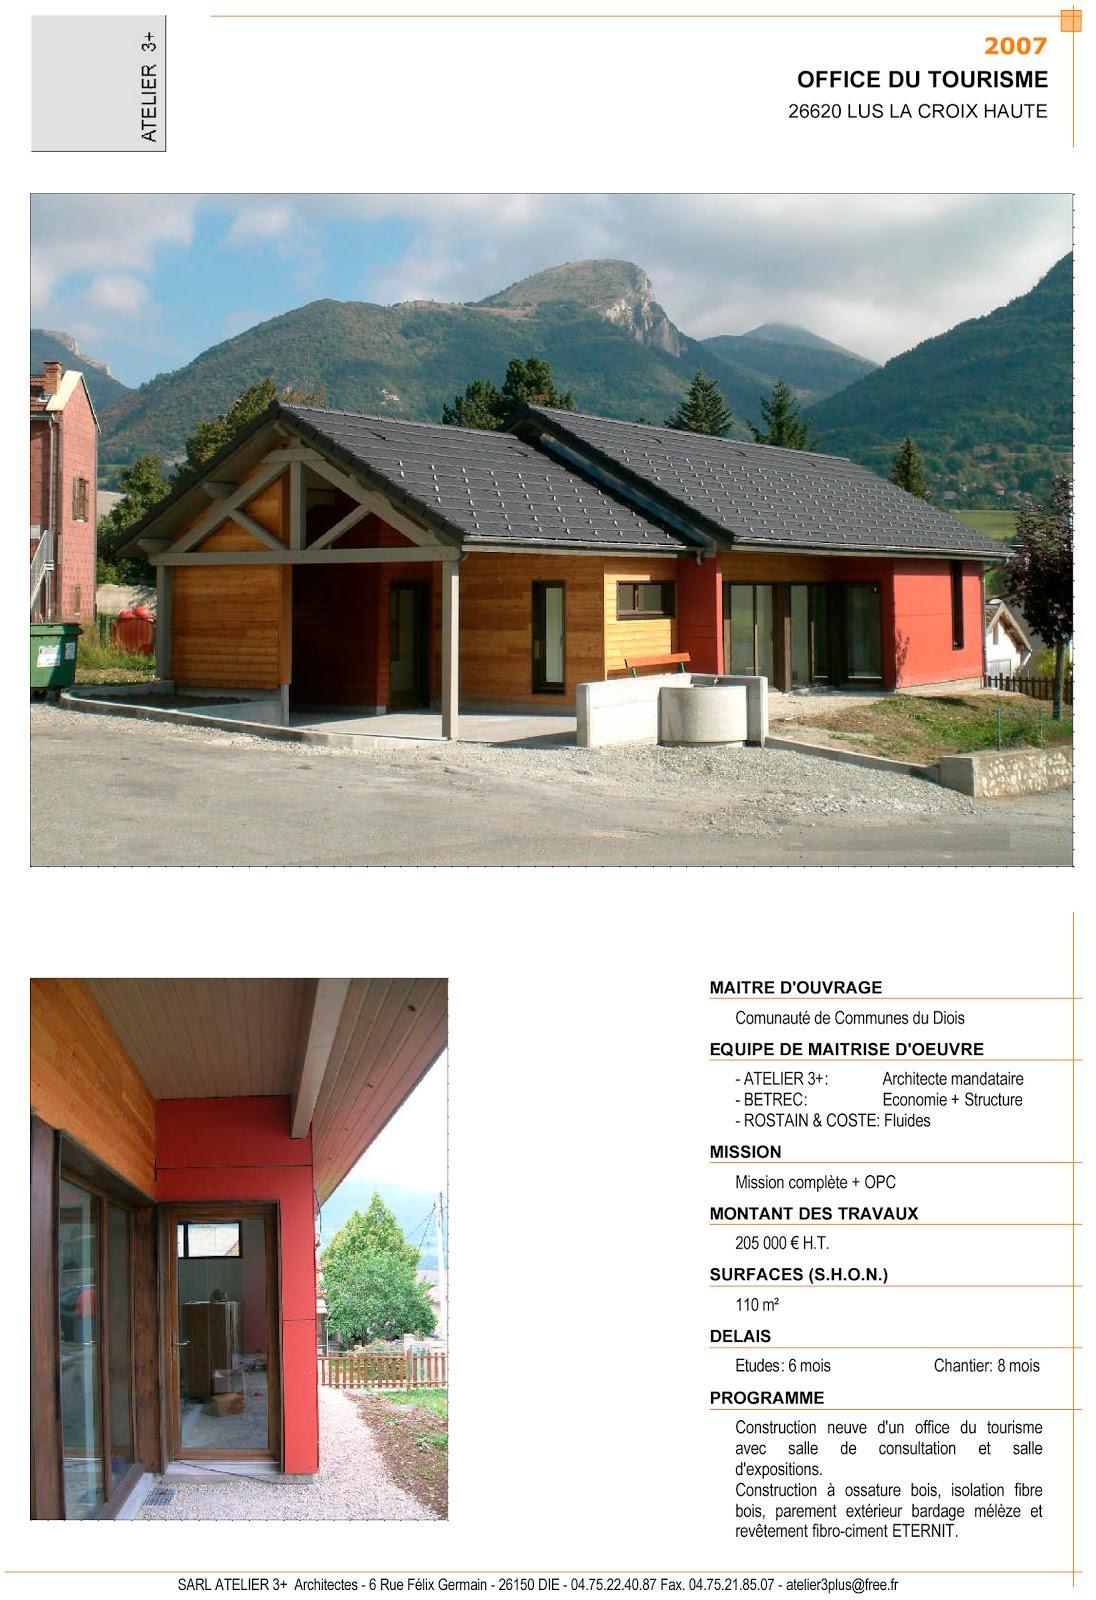 Atelier 3 architectes construction d 39 un office du - Office du tourisme de la croix valmer ...